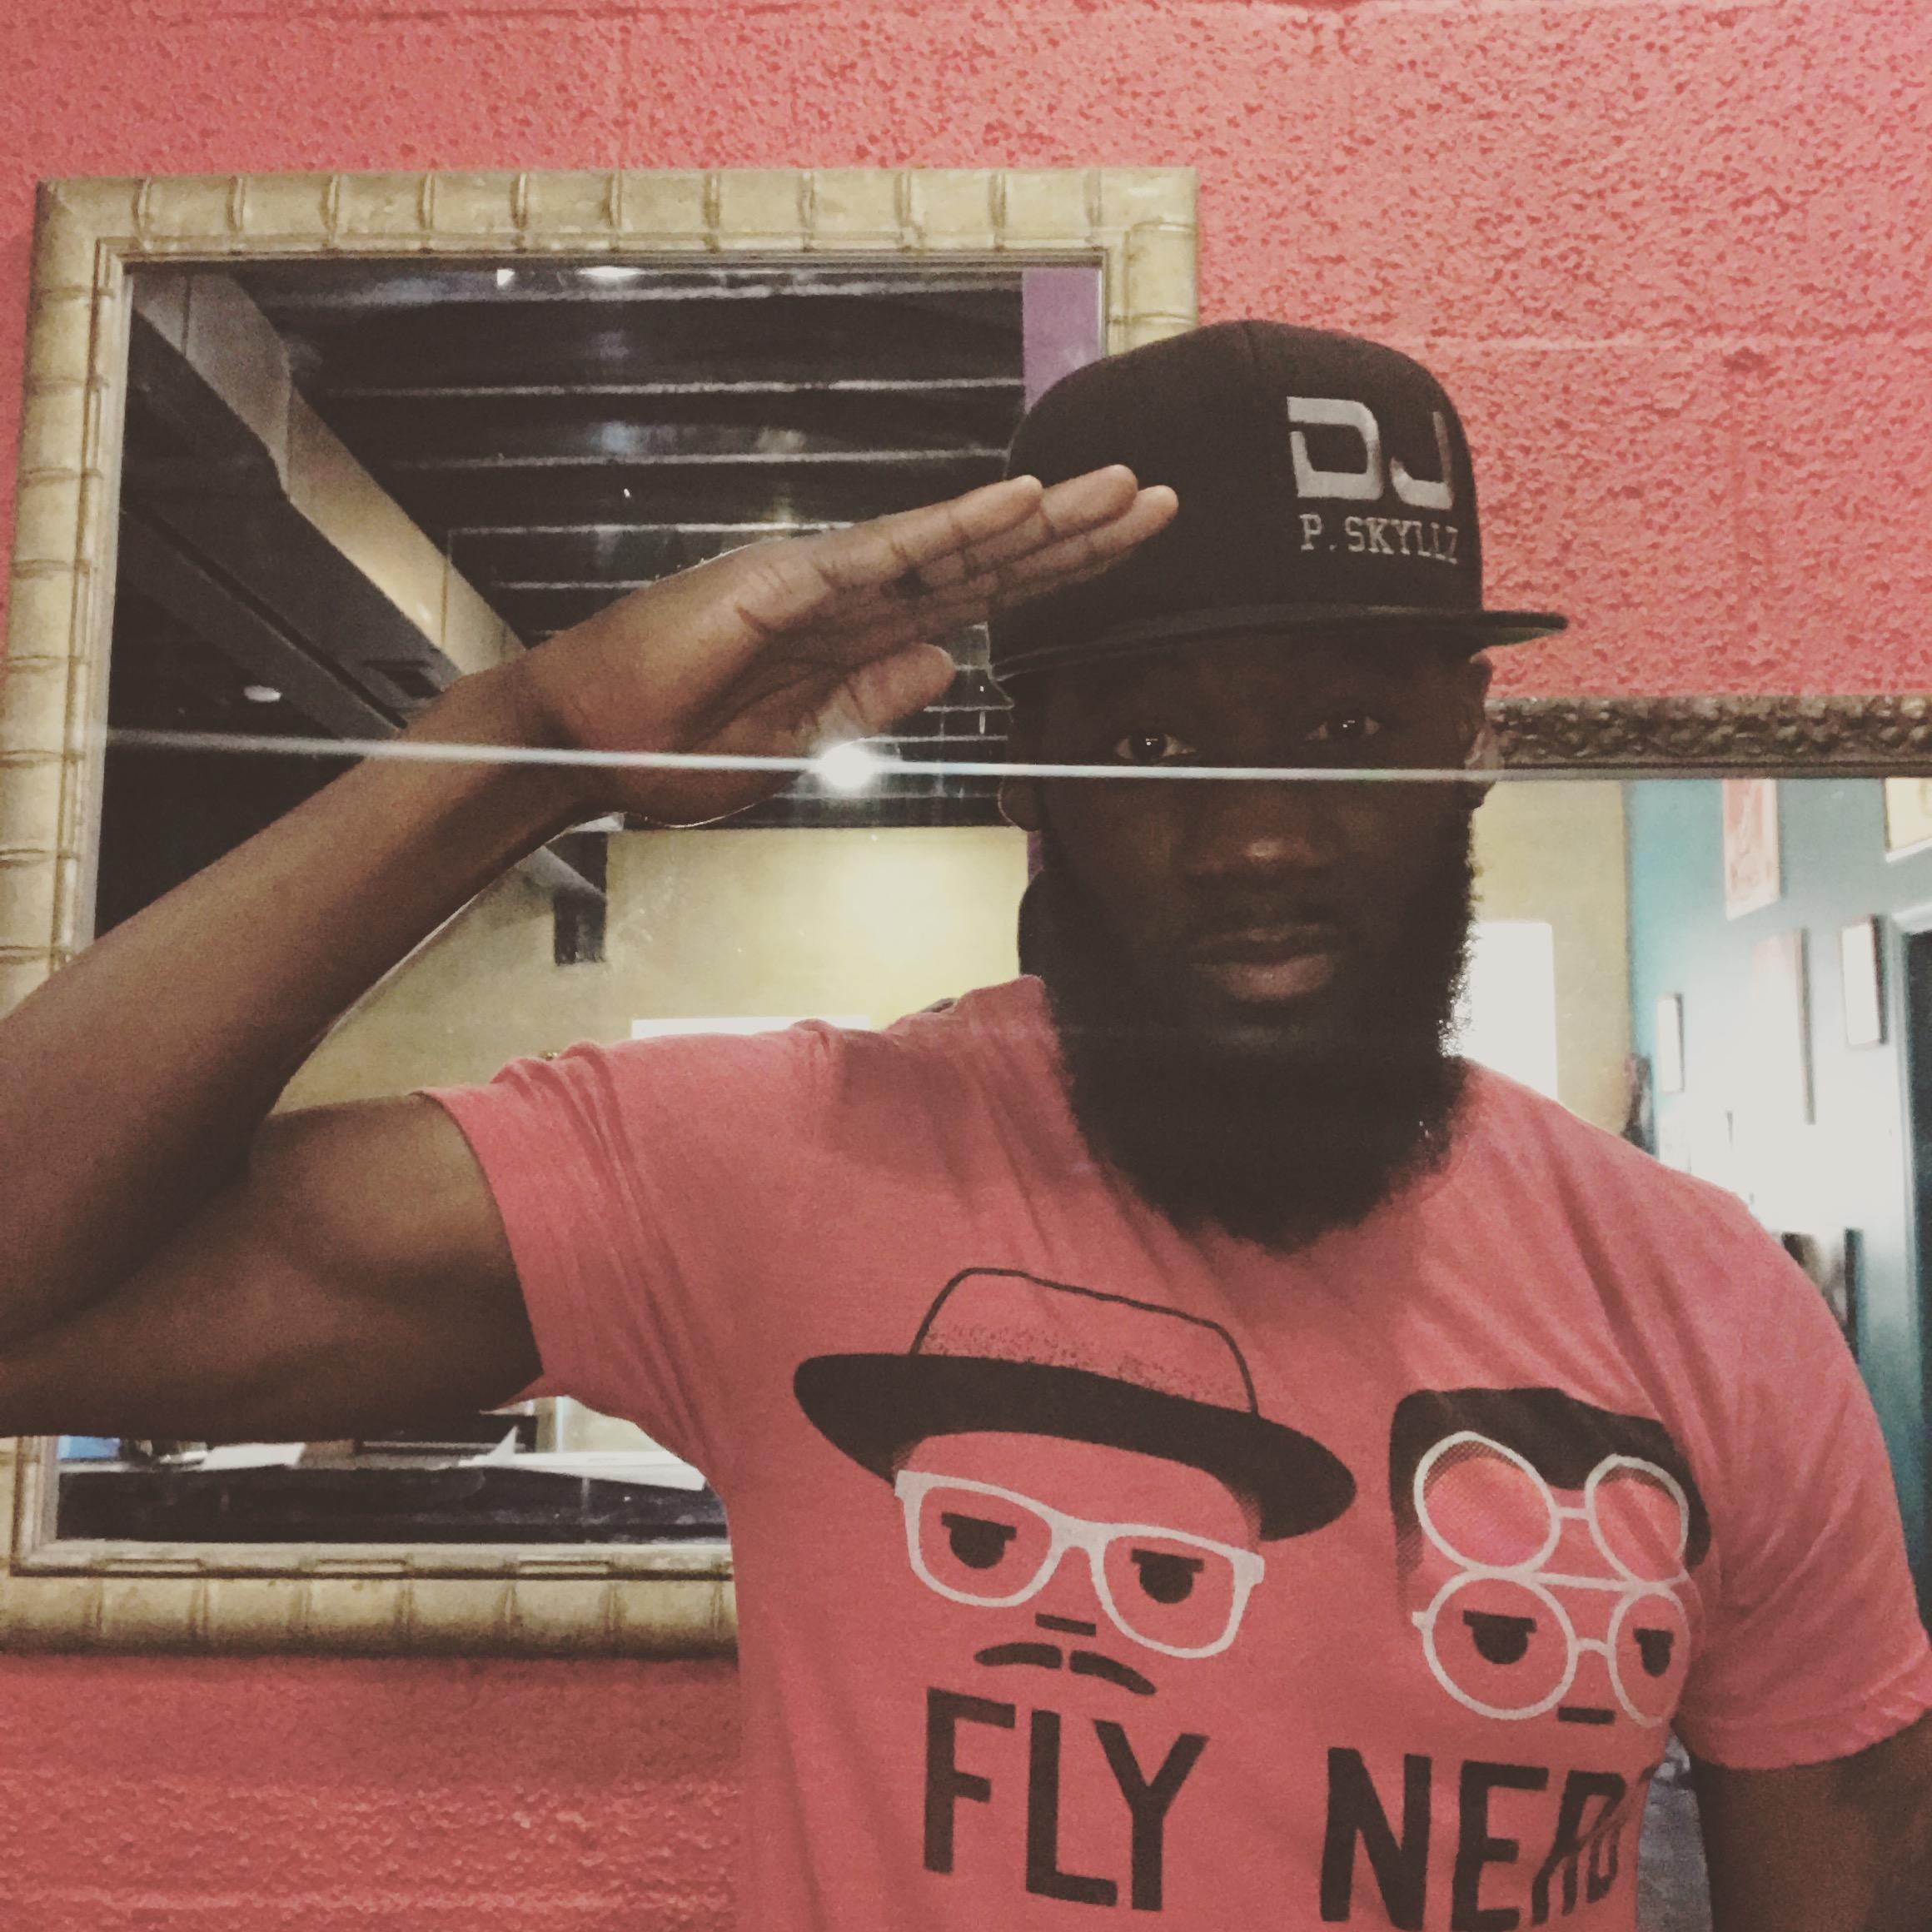 DJ P. Skyllz 66